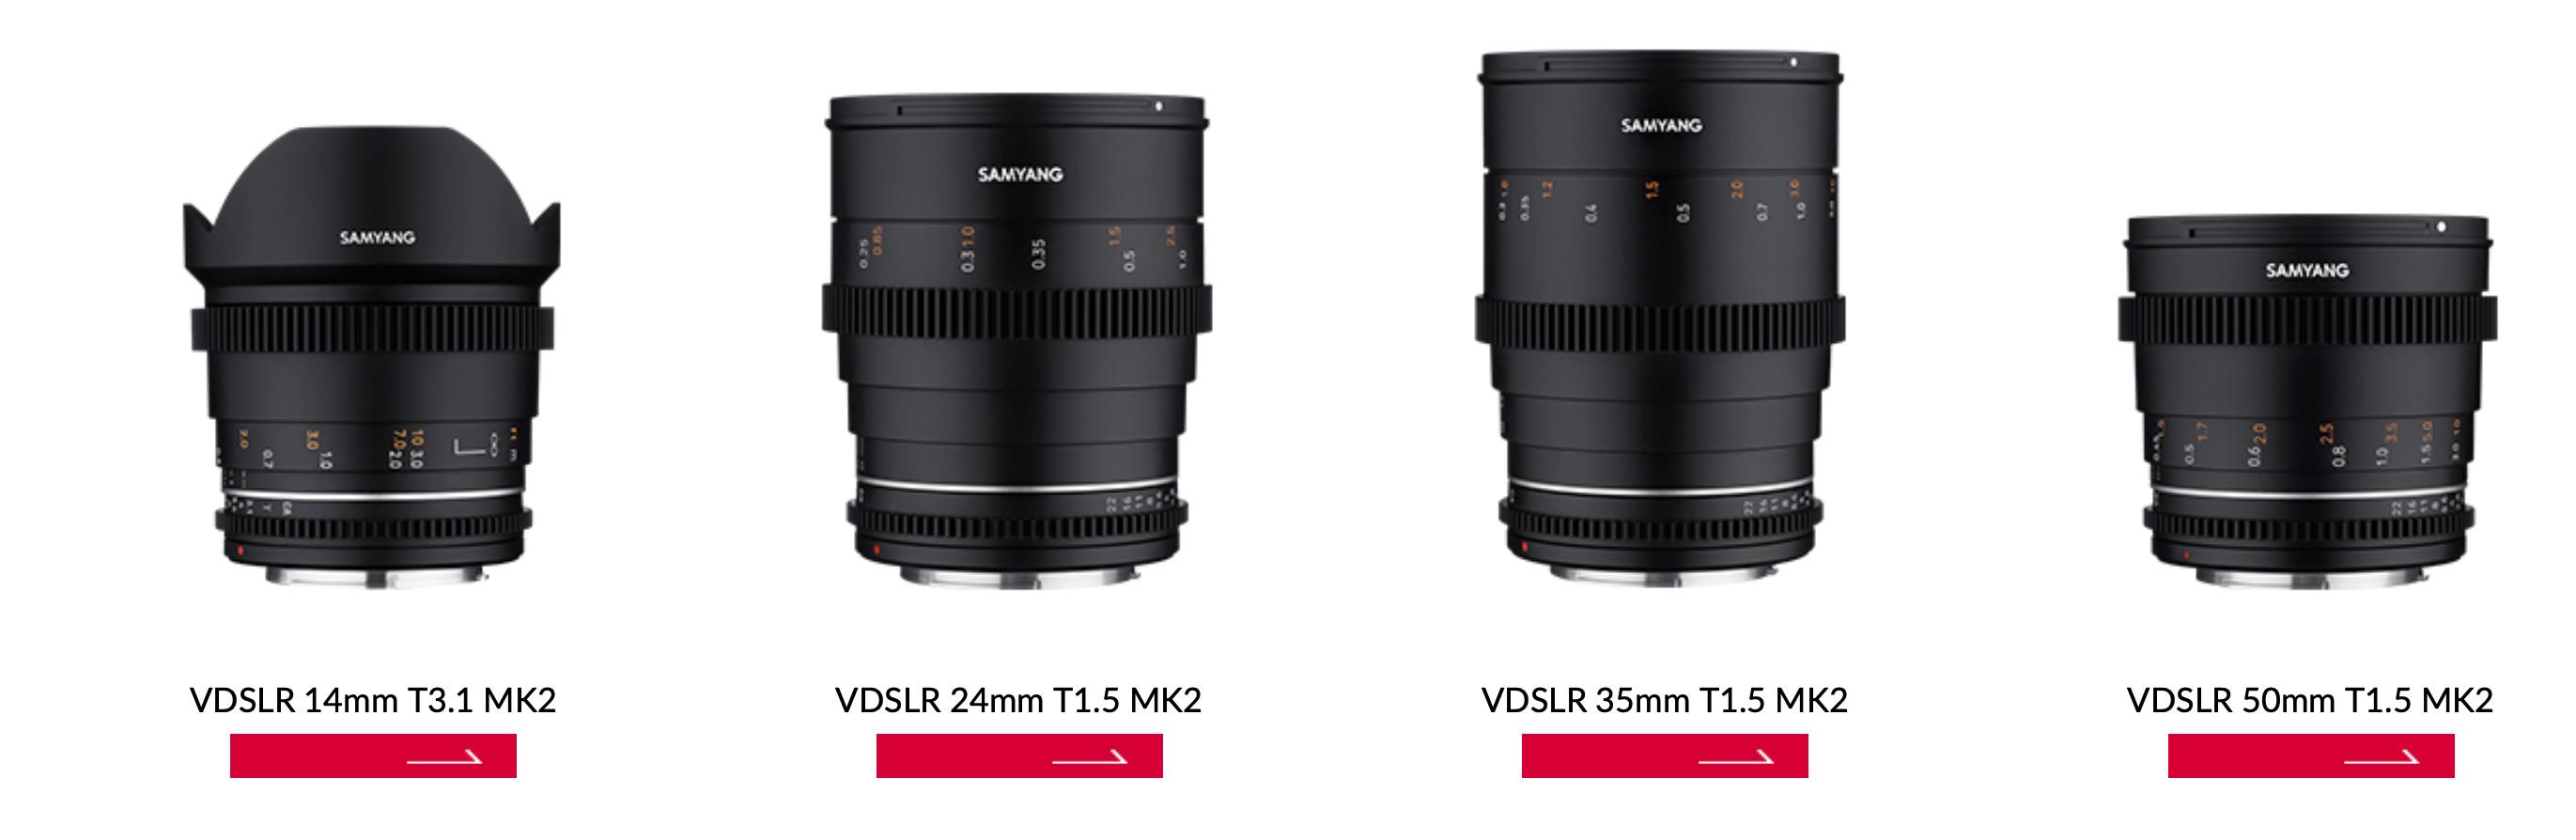 Samyang VDSLR MK2 cine lenses now available for Canon RF mount